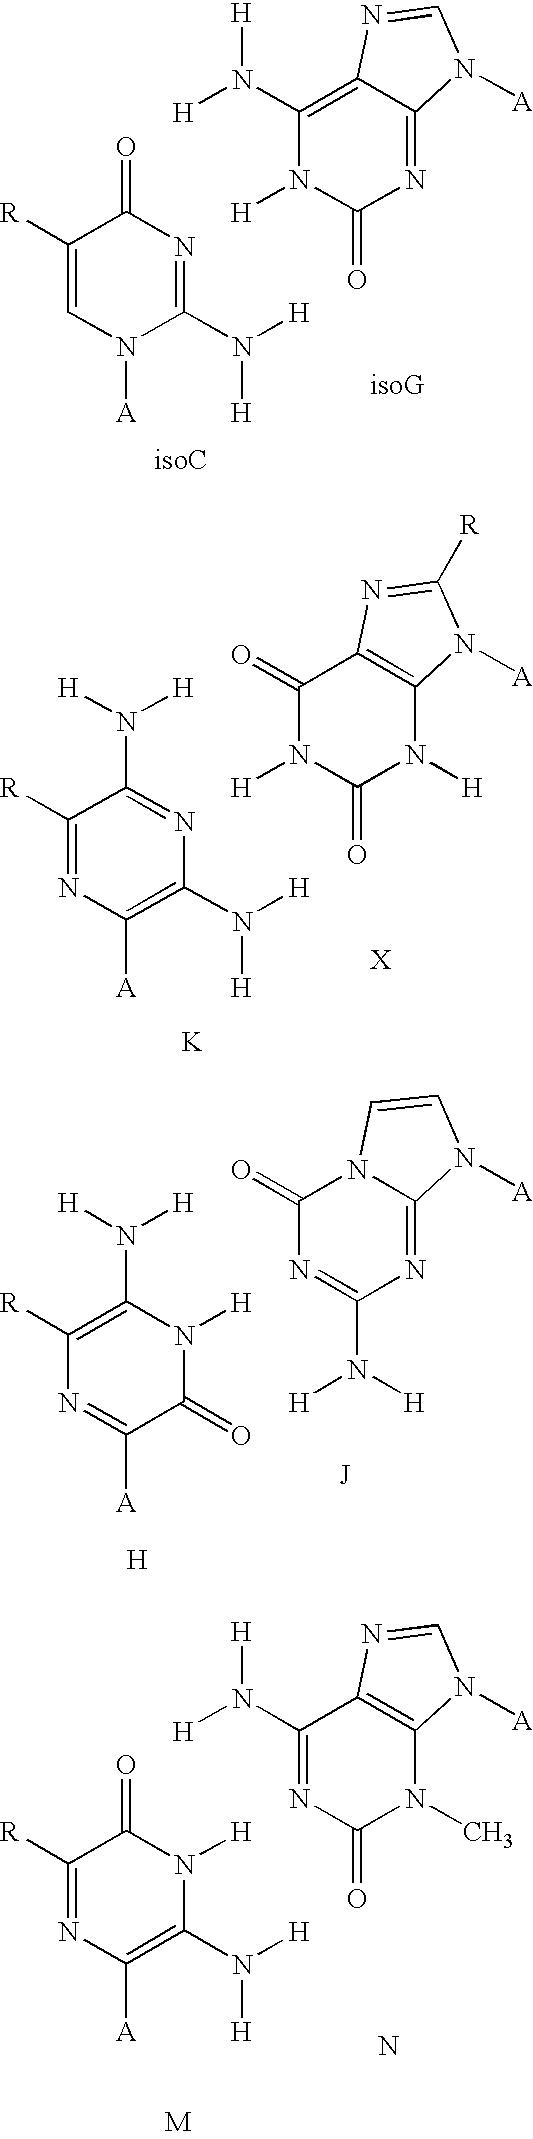 Figure US06977161-20051220-C00001